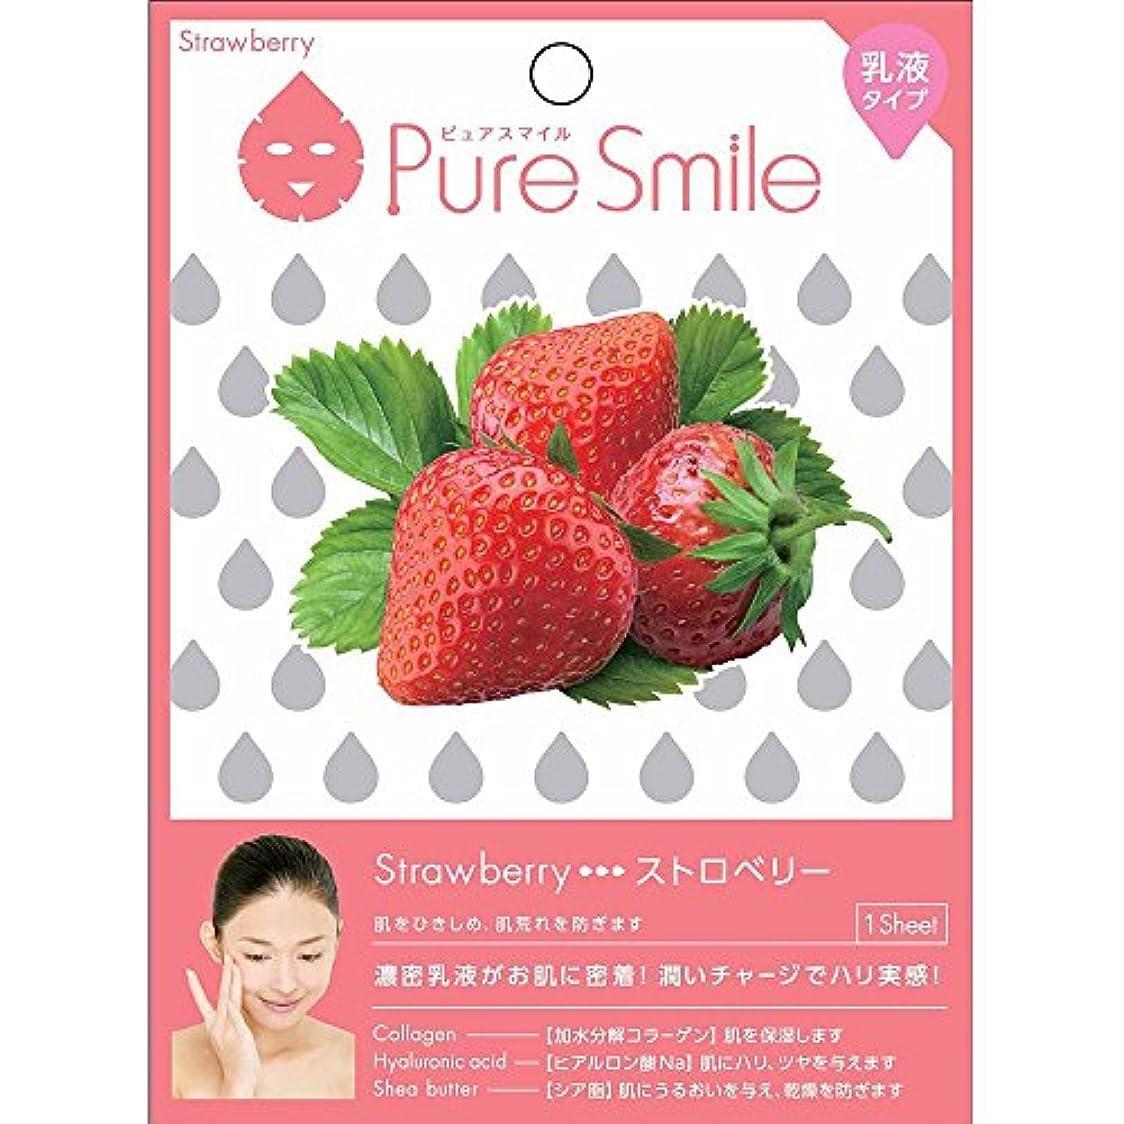 病気のプロペラカールPure Smile/ピュアスマイル 乳液 エッセンス/フェイスマスク 『Strawberry/ストロベリー(苺)』